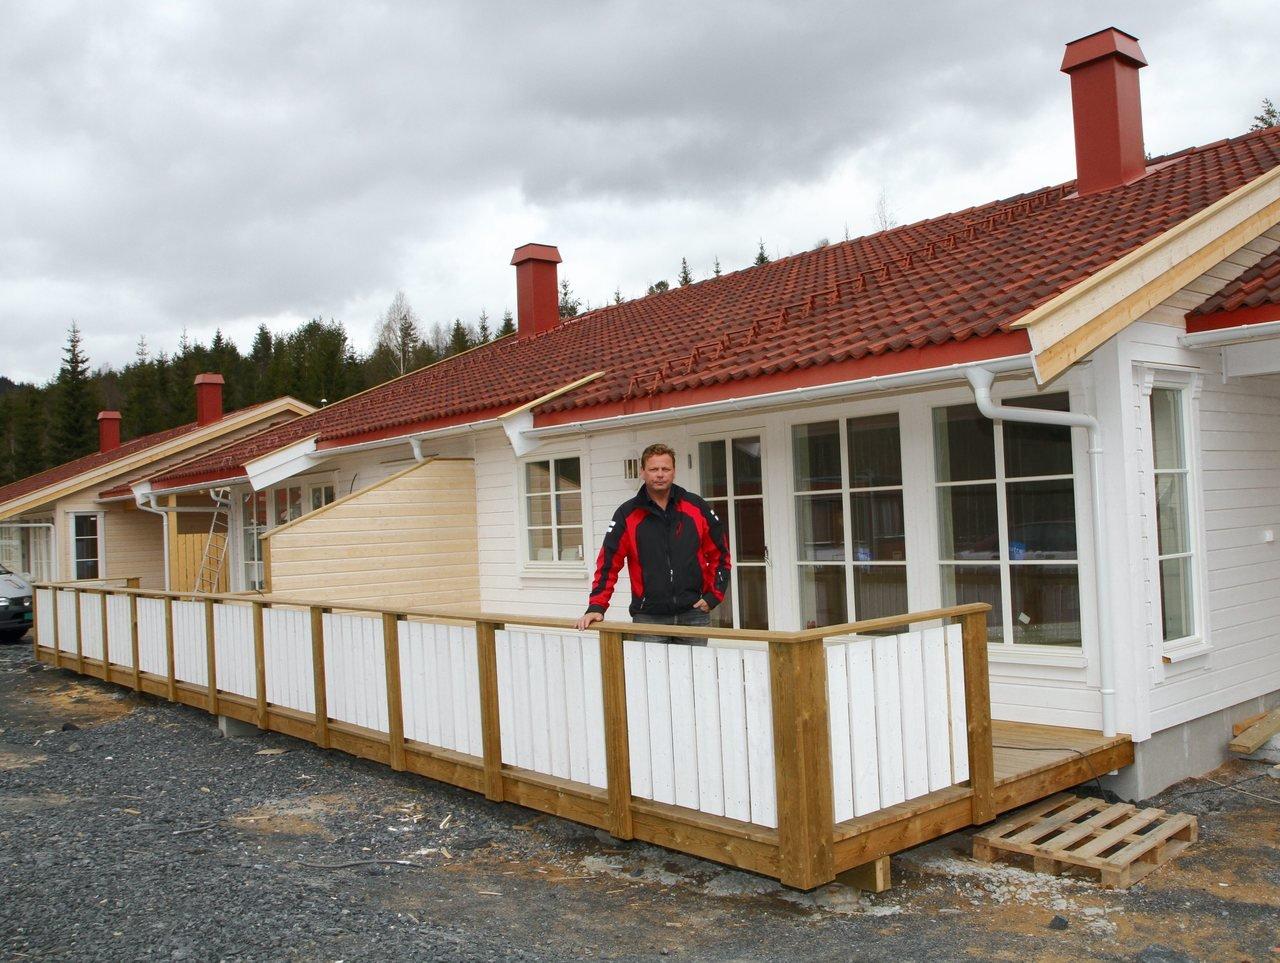 Jevnaker, Hadeland | Andelen enslige i Oppland er lavest i Gausdal, Jevnaker og Lunner